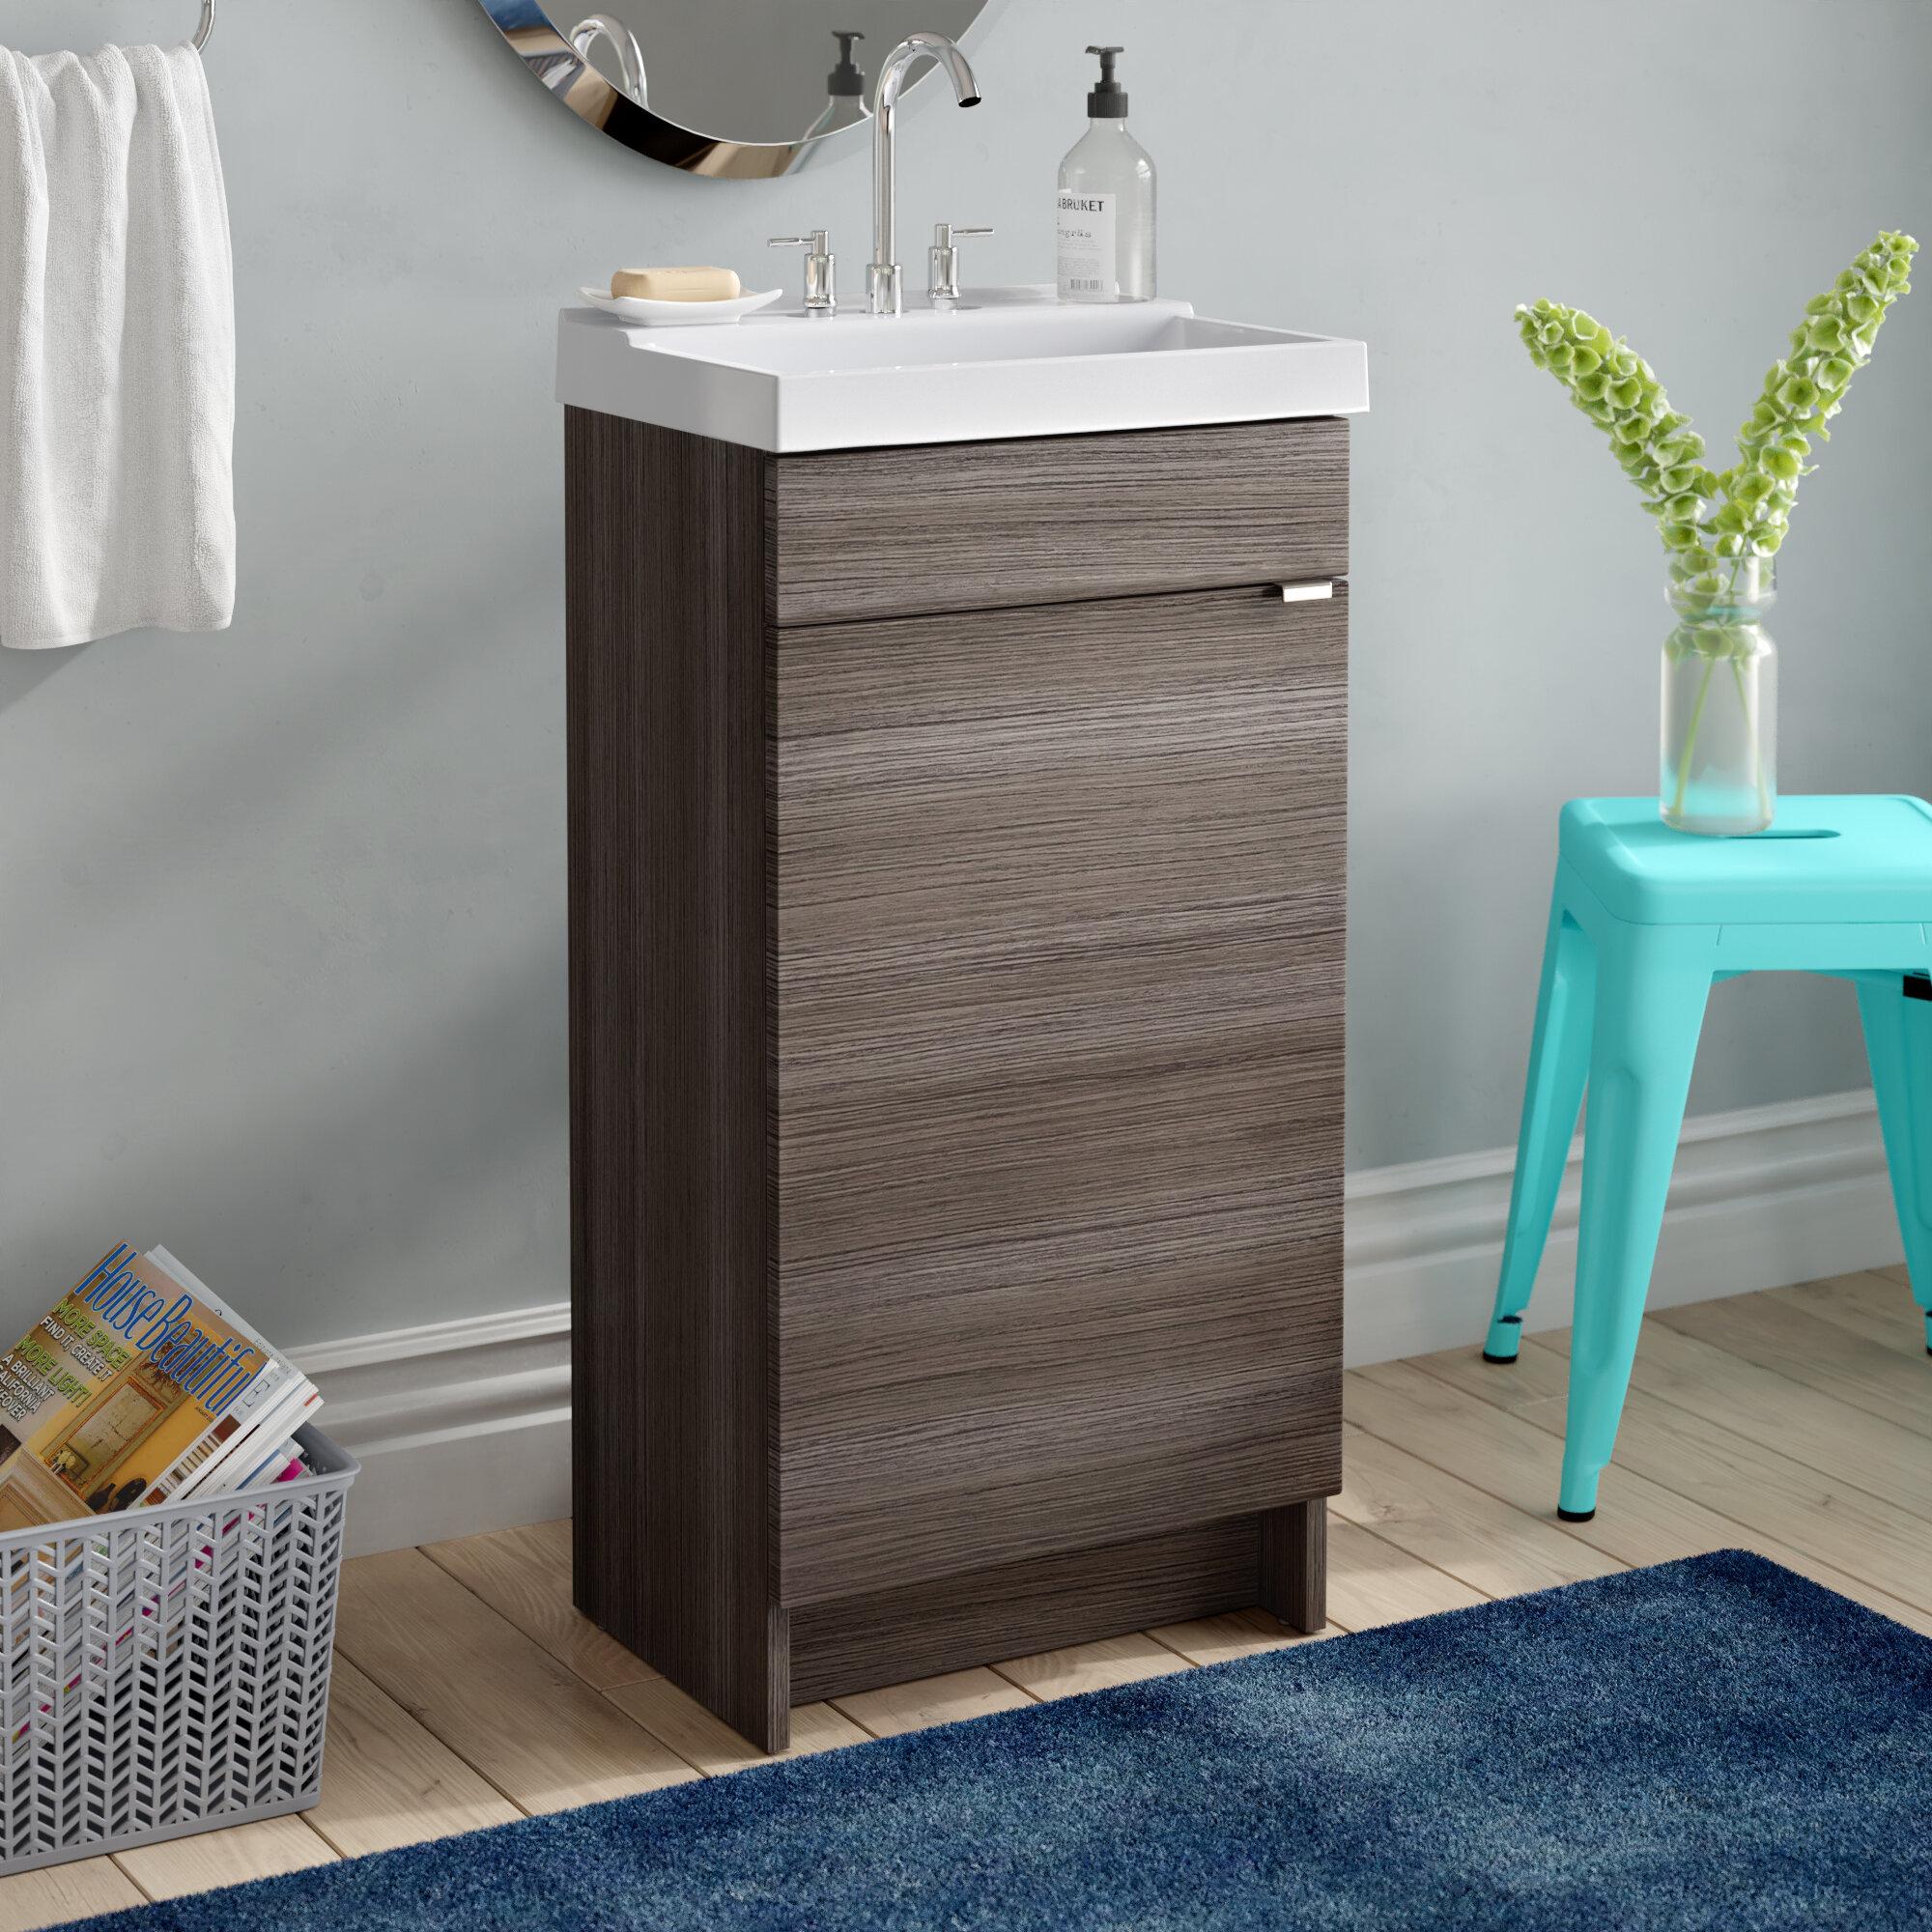 Orren Ellis Fraizer Teak 17 Single Bathroom Vanity Set Reviews Wayfair